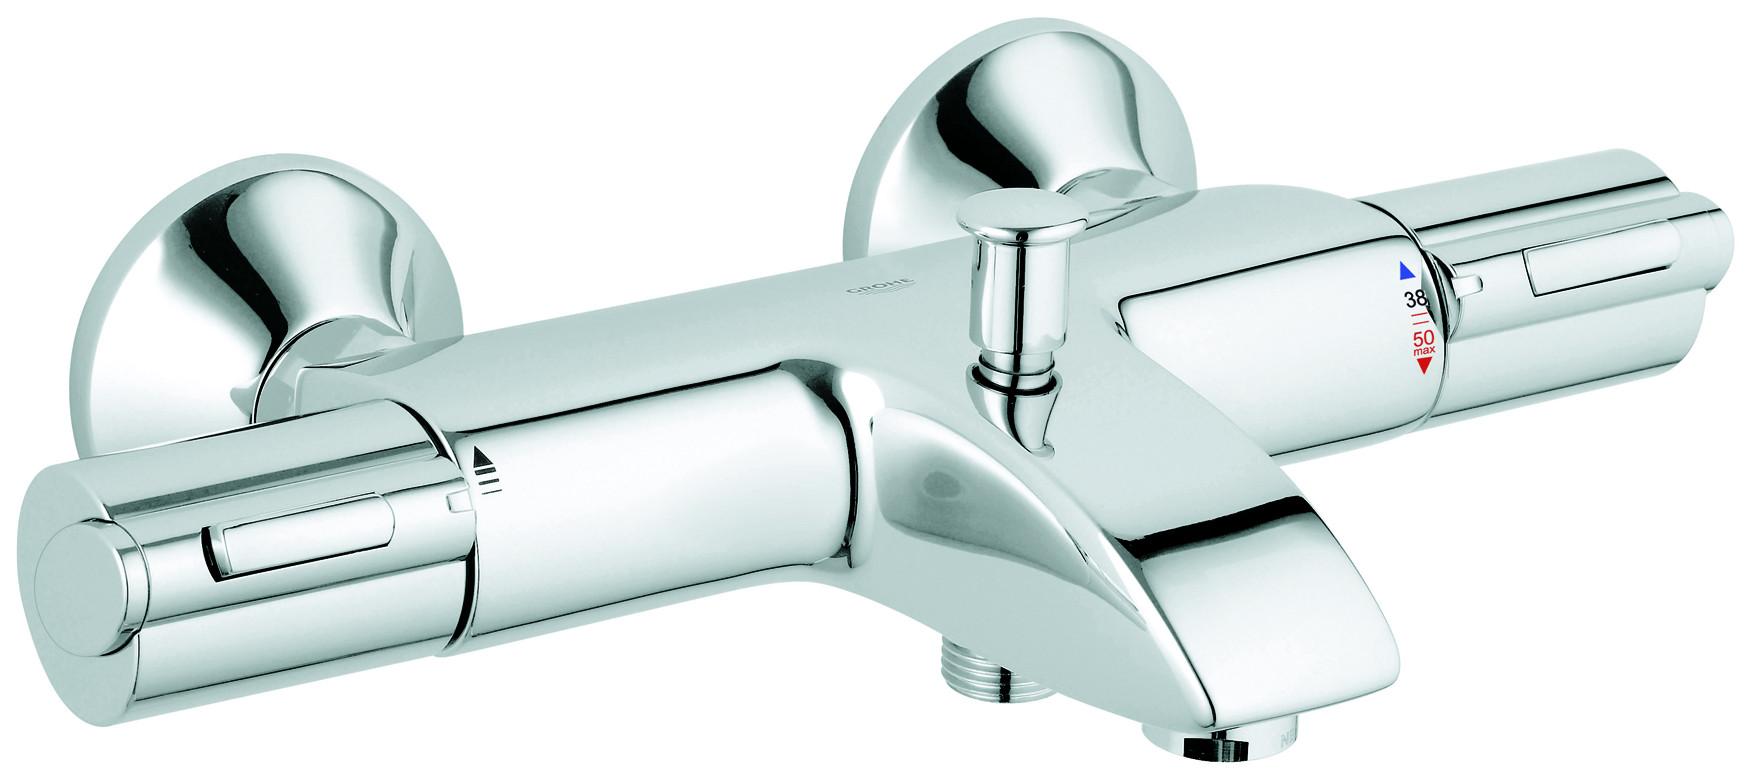 robinetterie salle de bain et cuisine pour les professionnels produits sanitaire sni export. Black Bedroom Furniture Sets. Home Design Ideas